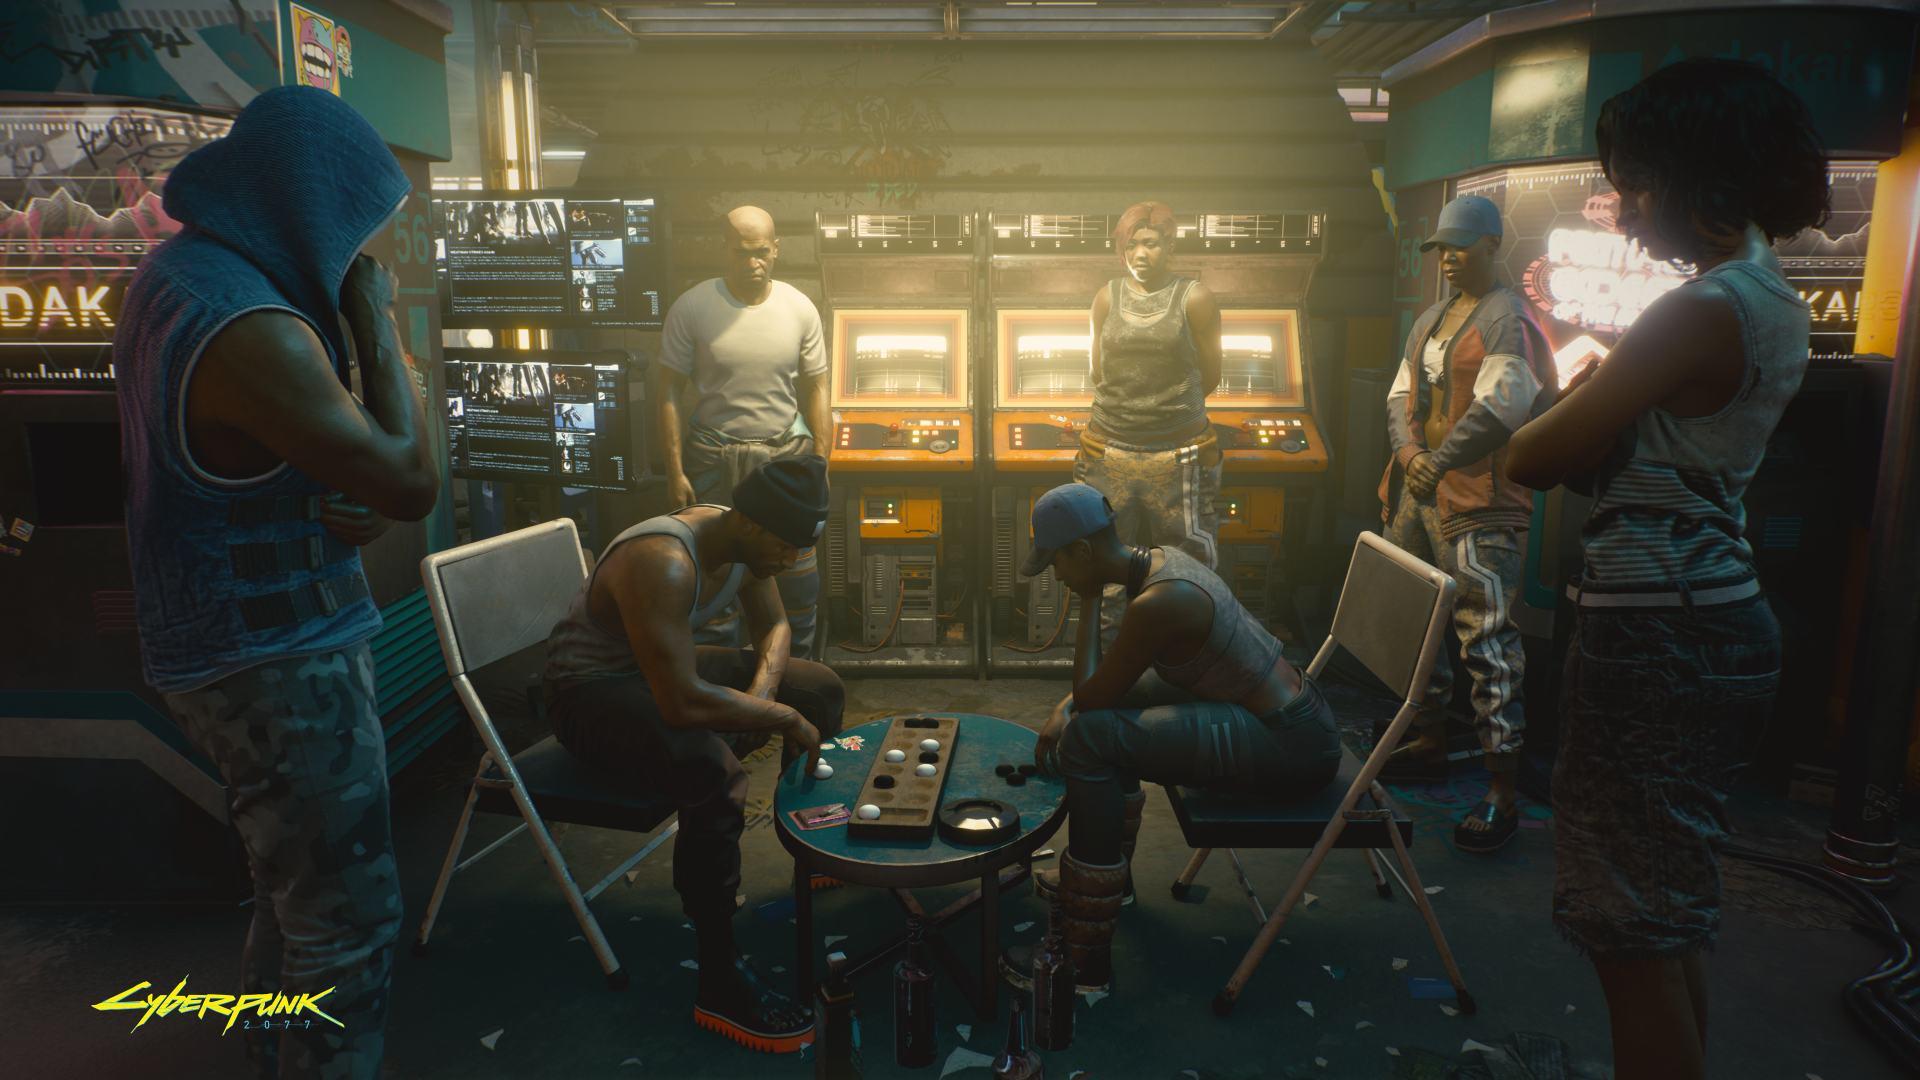 Cyberpunk 2077 multiplayer confirmed